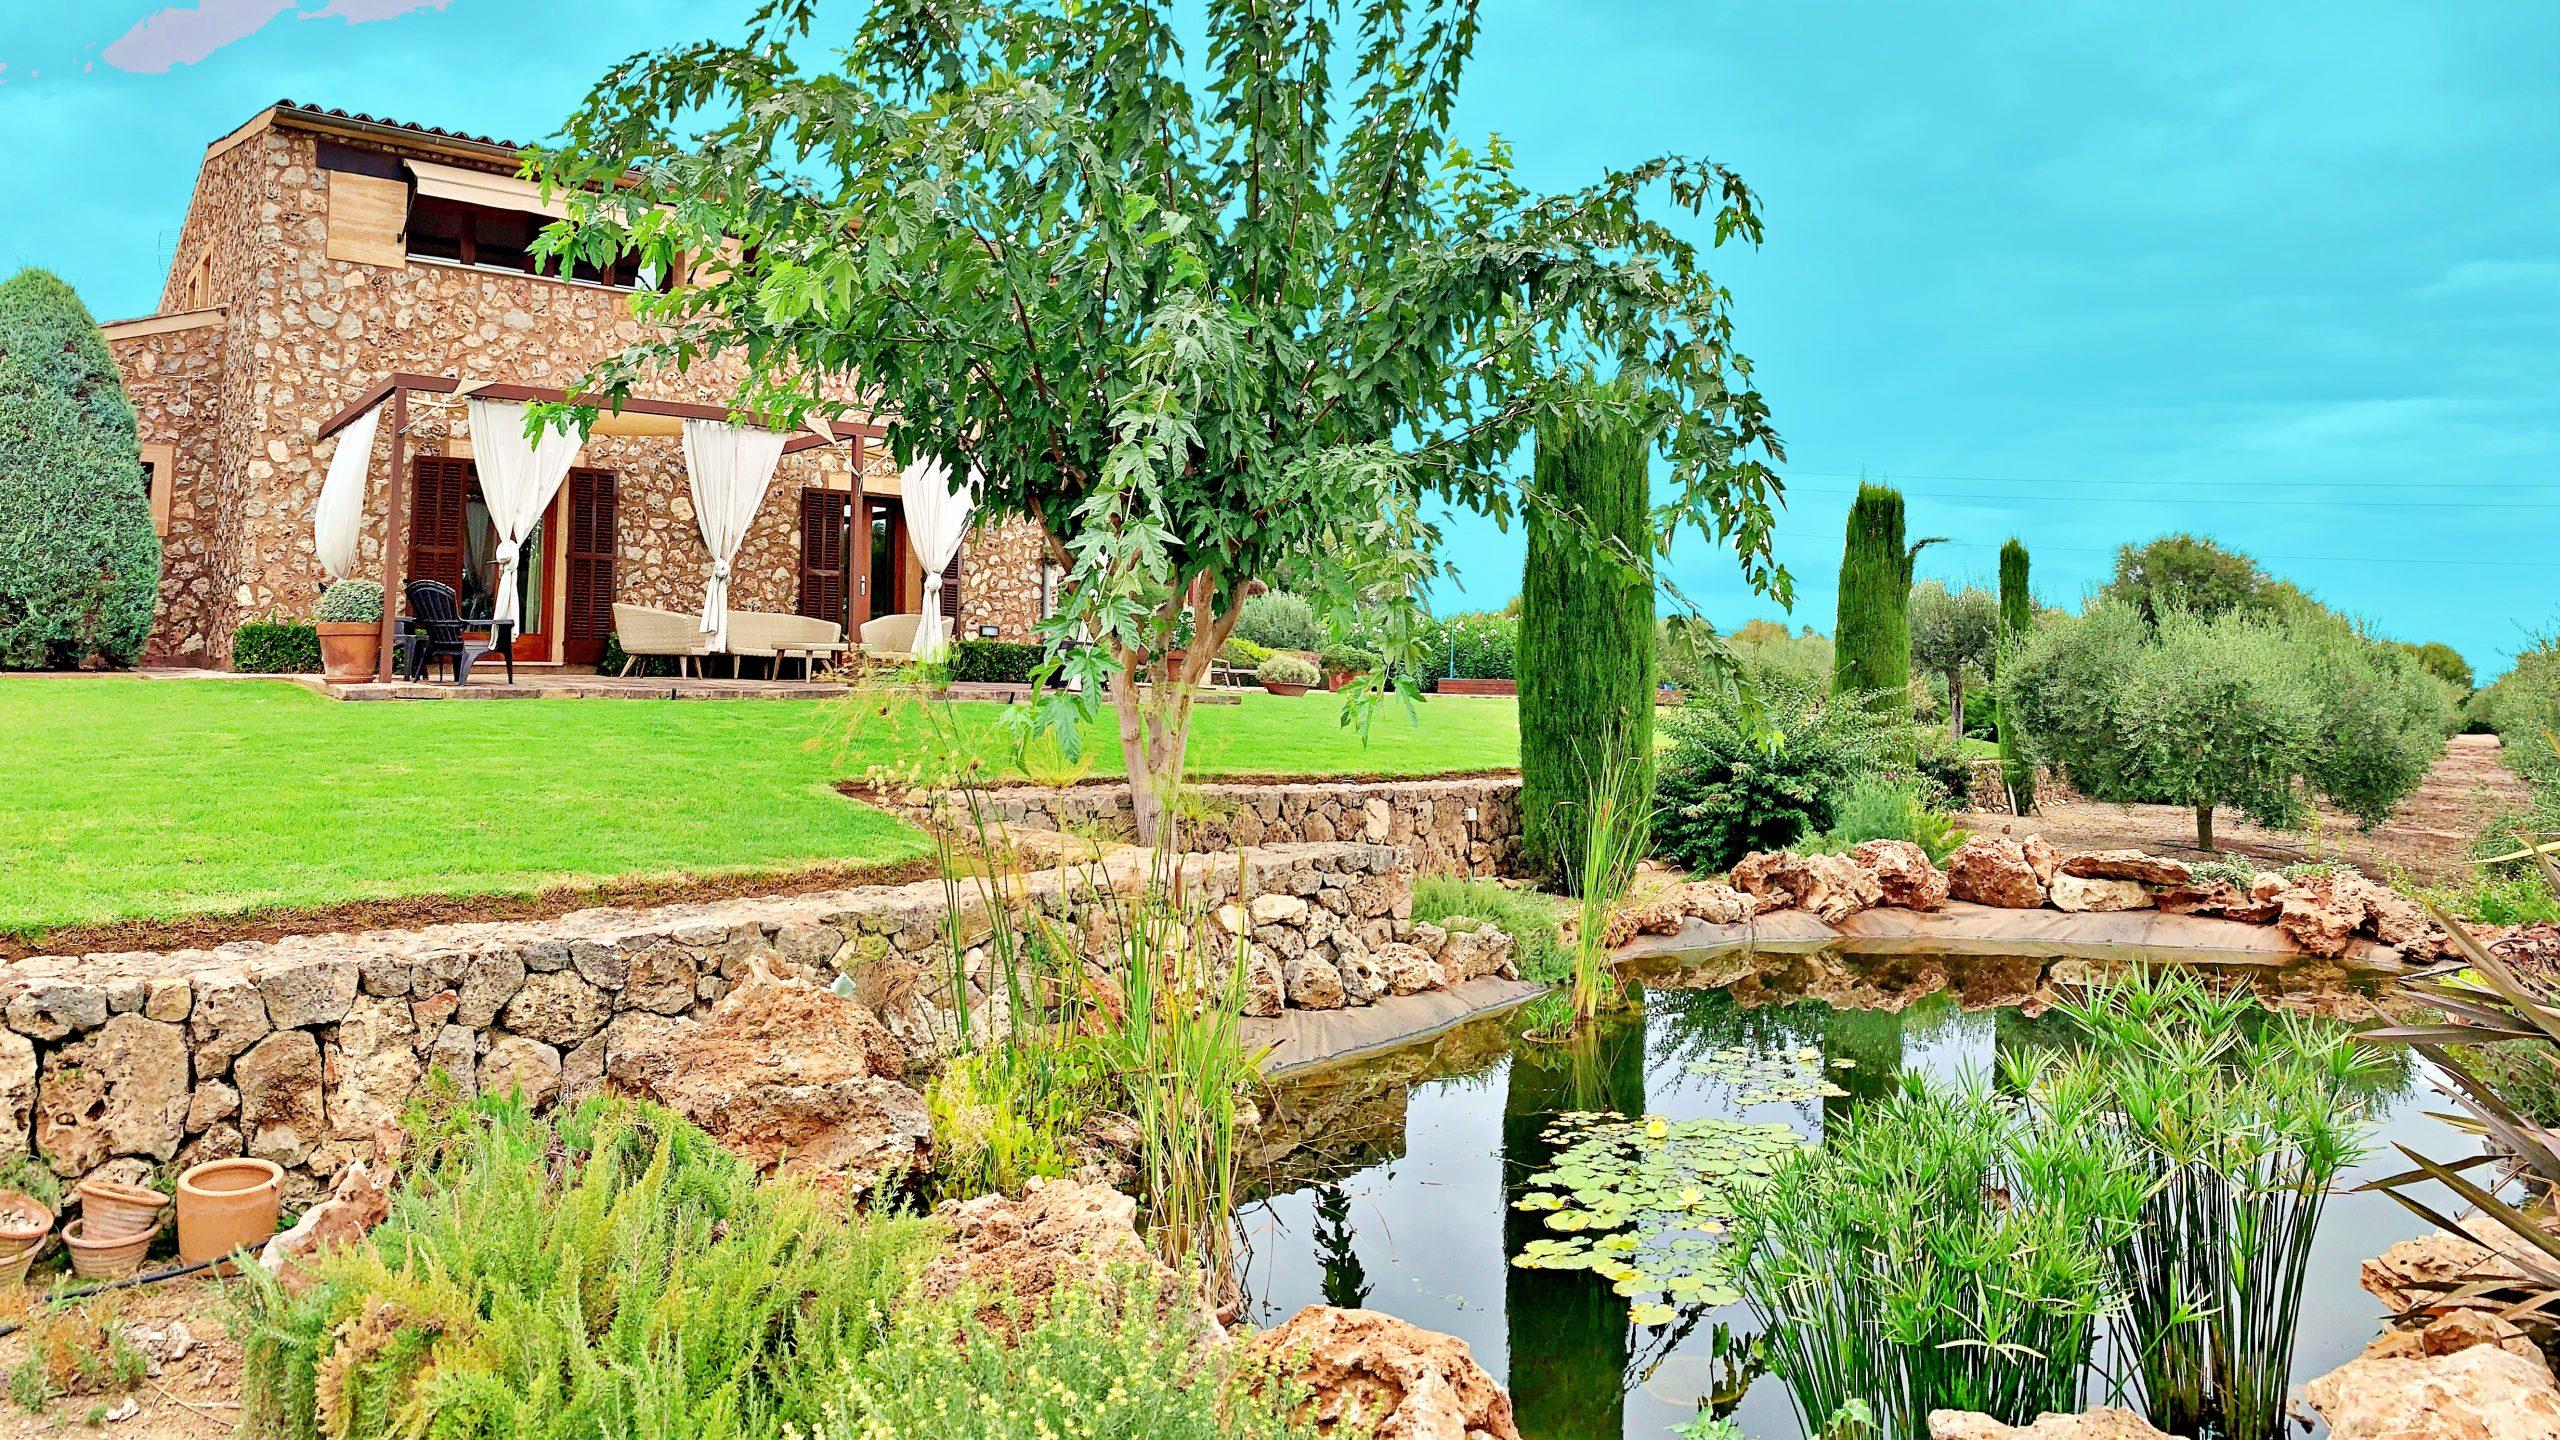 Finca de oliveras en Llubí con Casa Mallorquina construida en el 2009